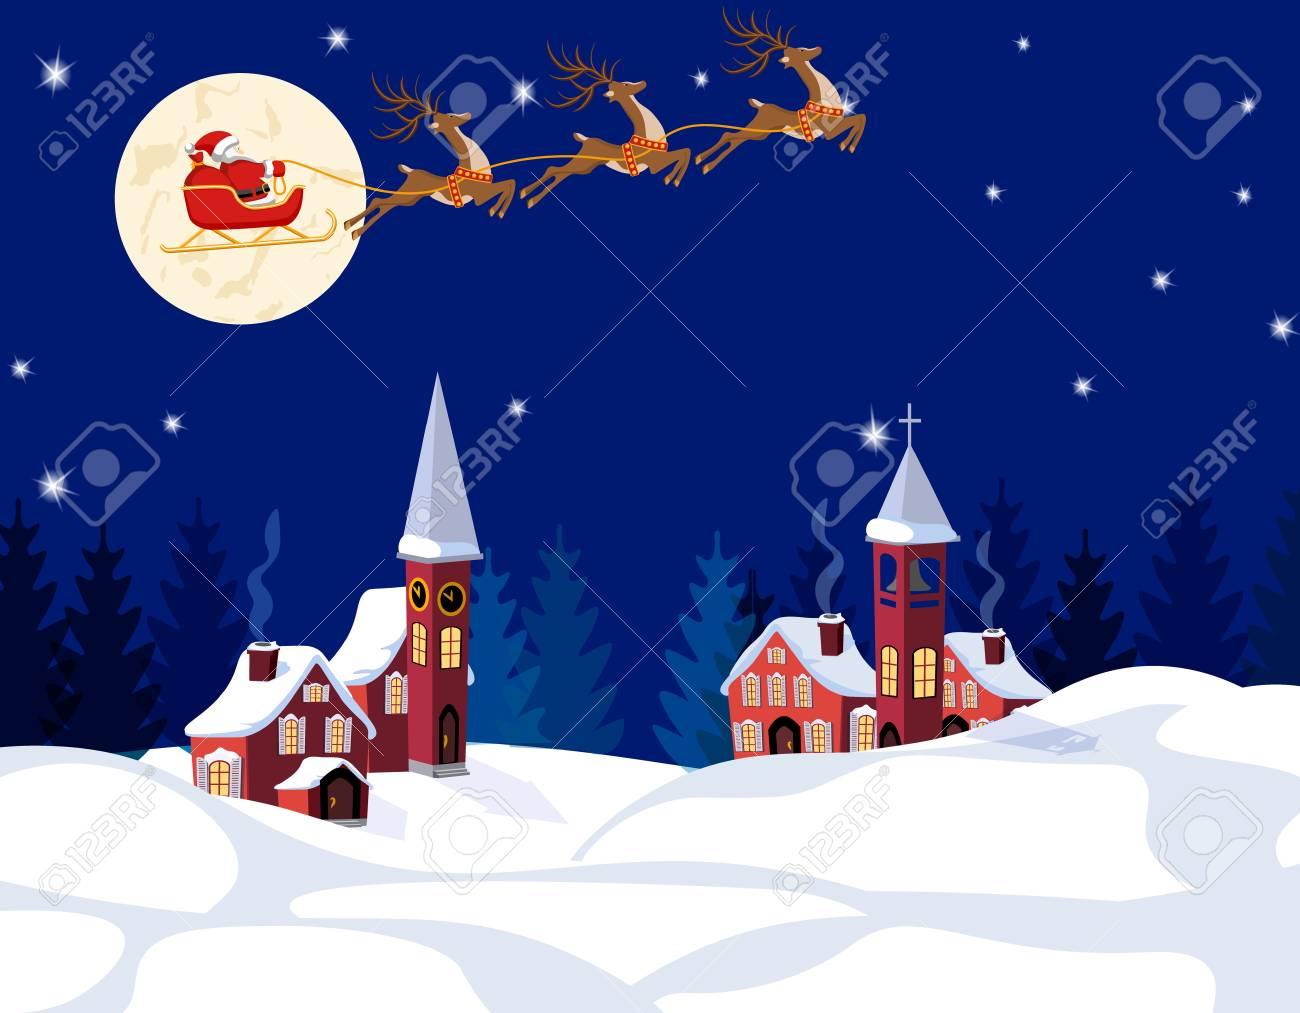 Capodanno Alla Casa Di Babbo Natale.Natale Di Capodanno Un Immagine Di Babbo Natale E Cervi Citta Invernale Alla Vigilia Del Nuovo Anno Neve Luna Stelle Illustrazione